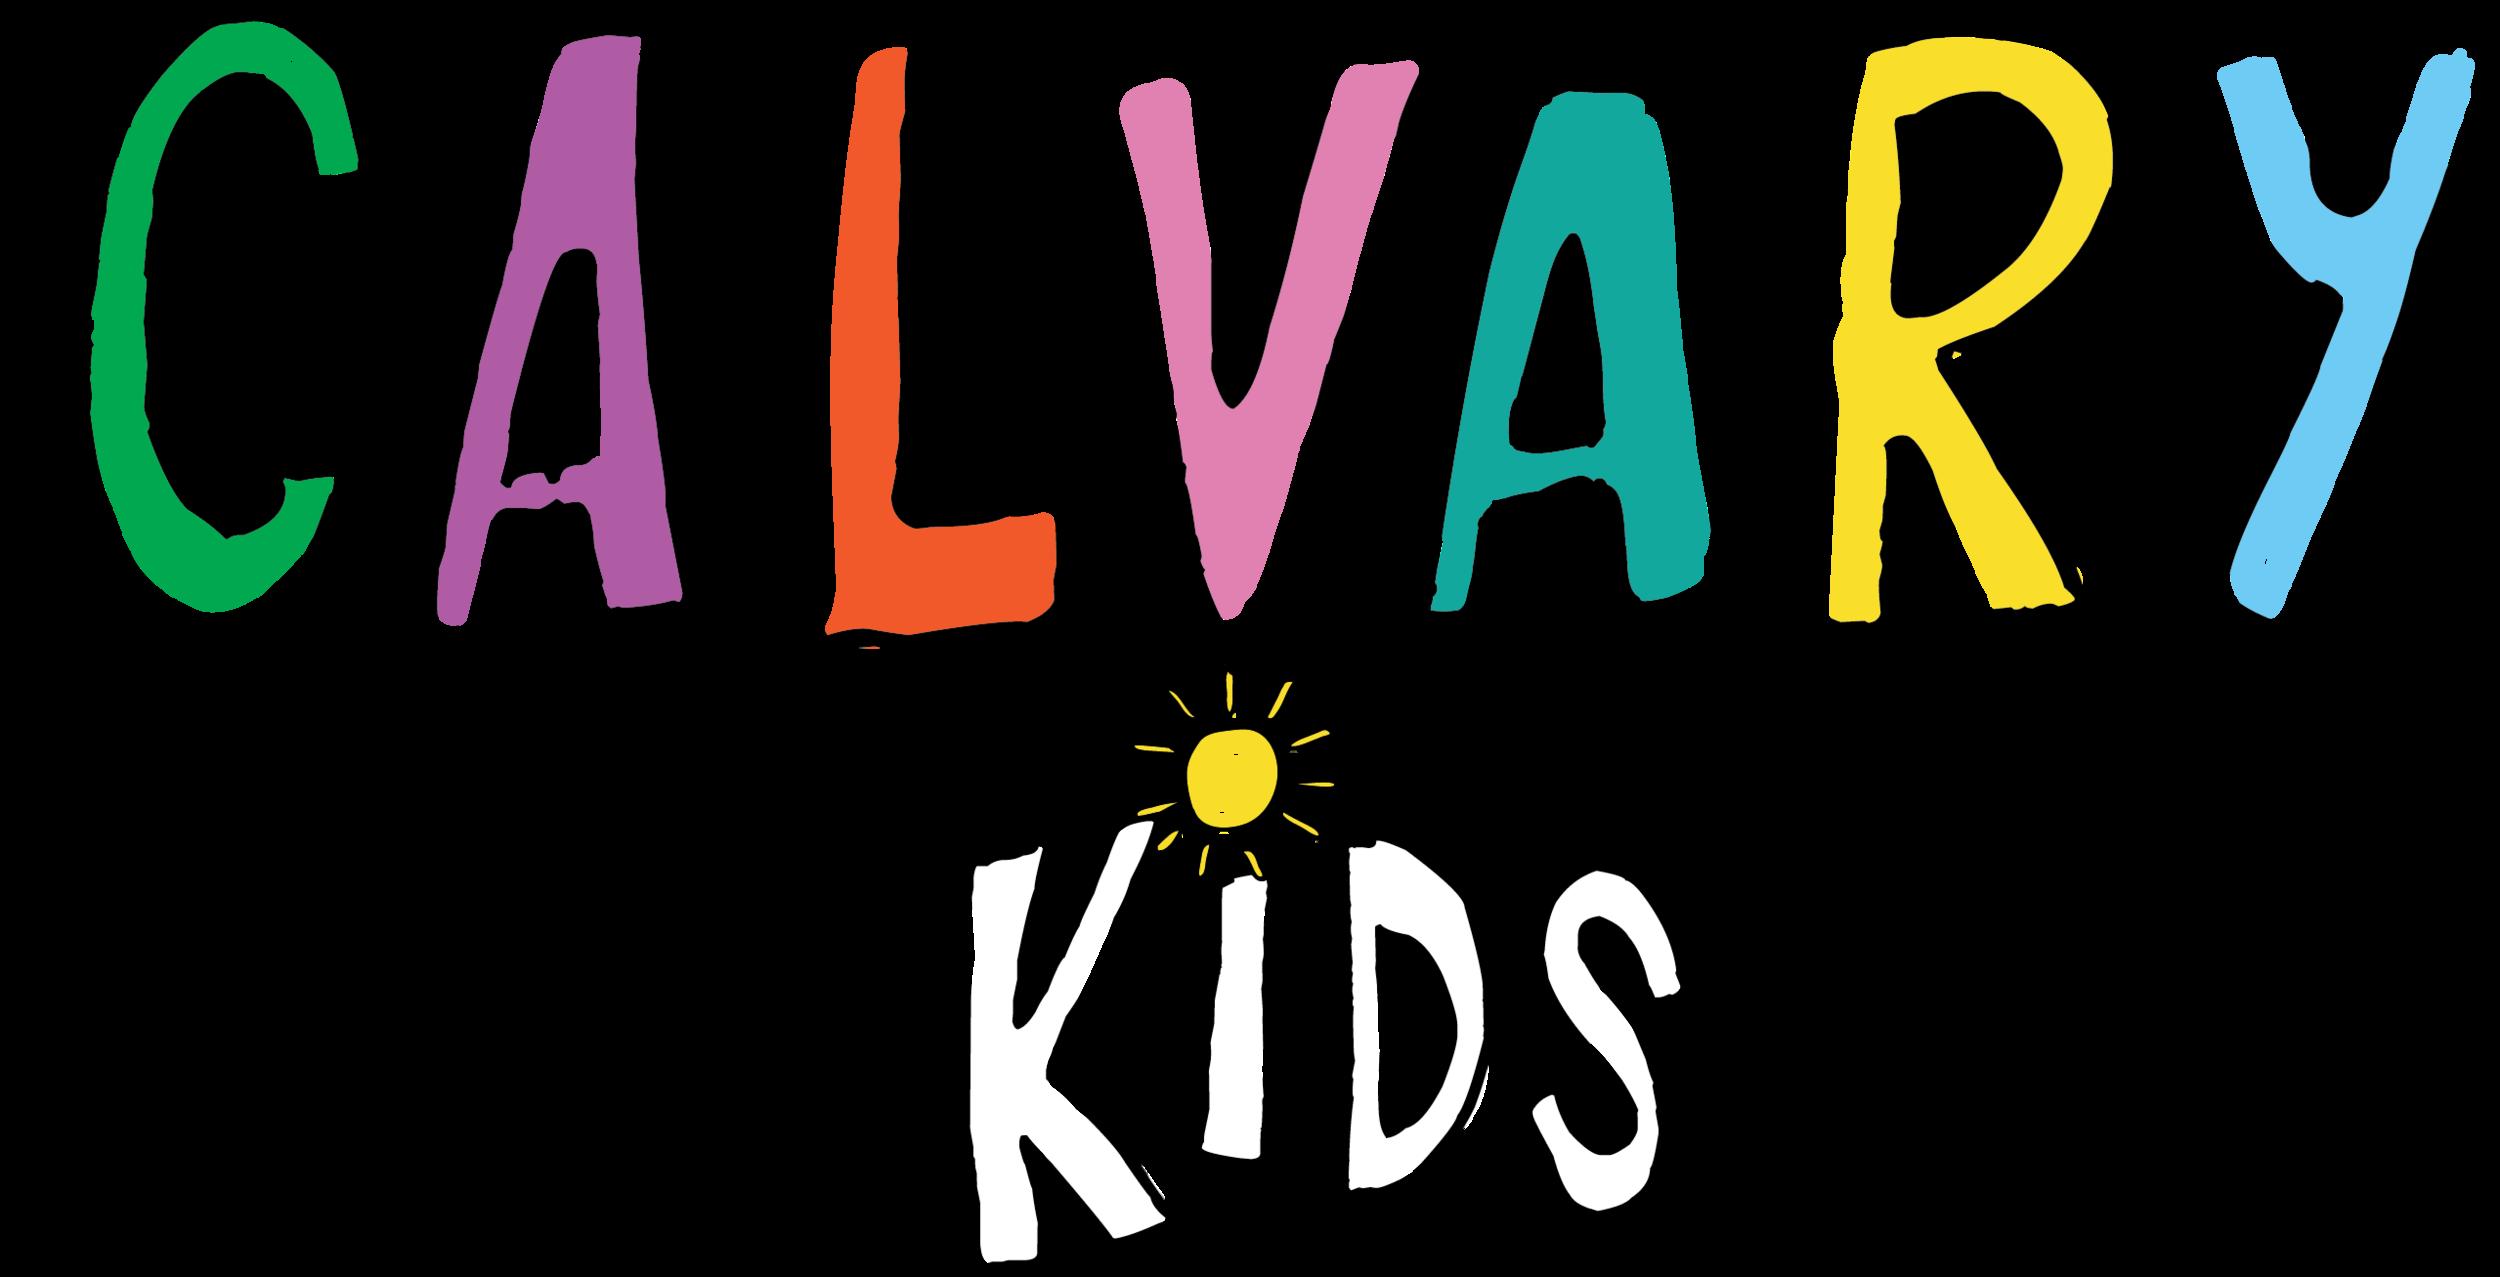 Calvary kids white.png